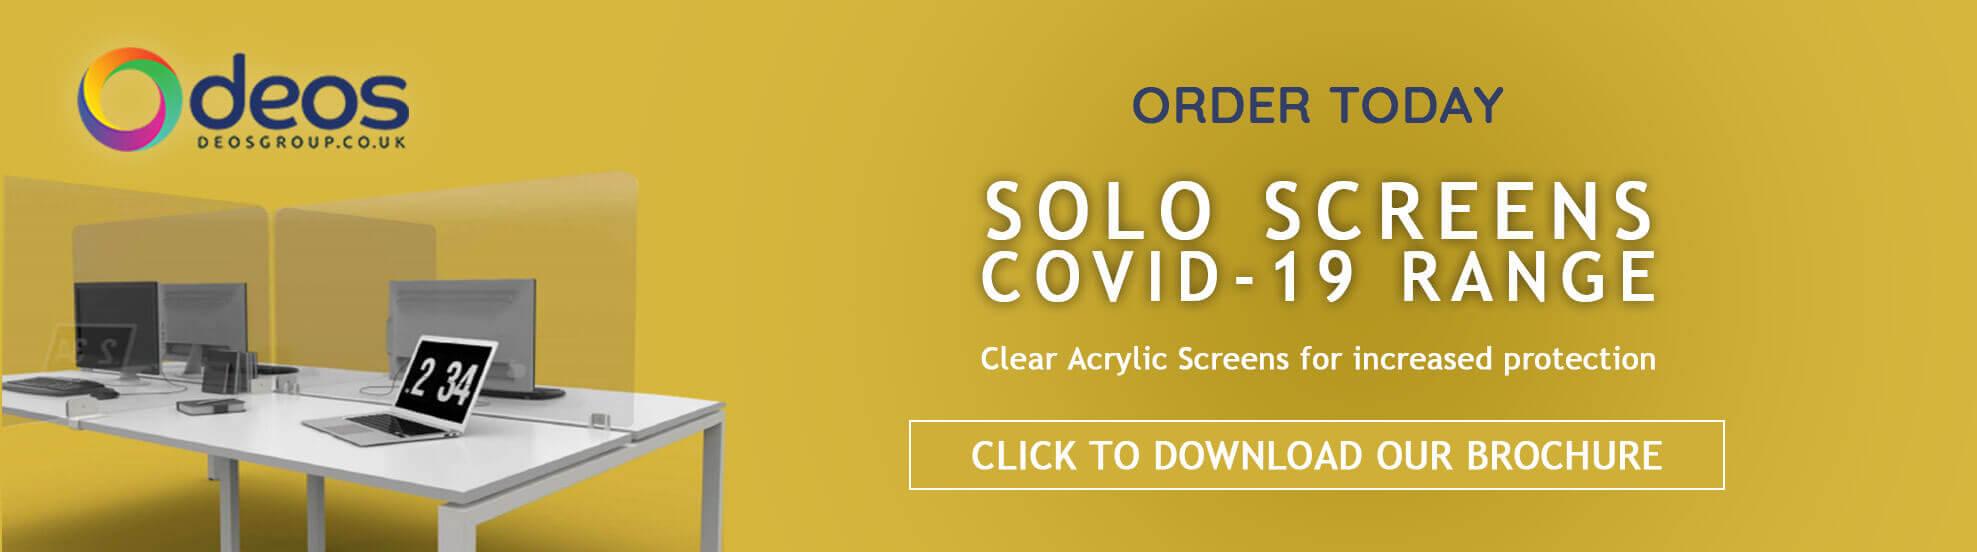 Deos-solo-screens